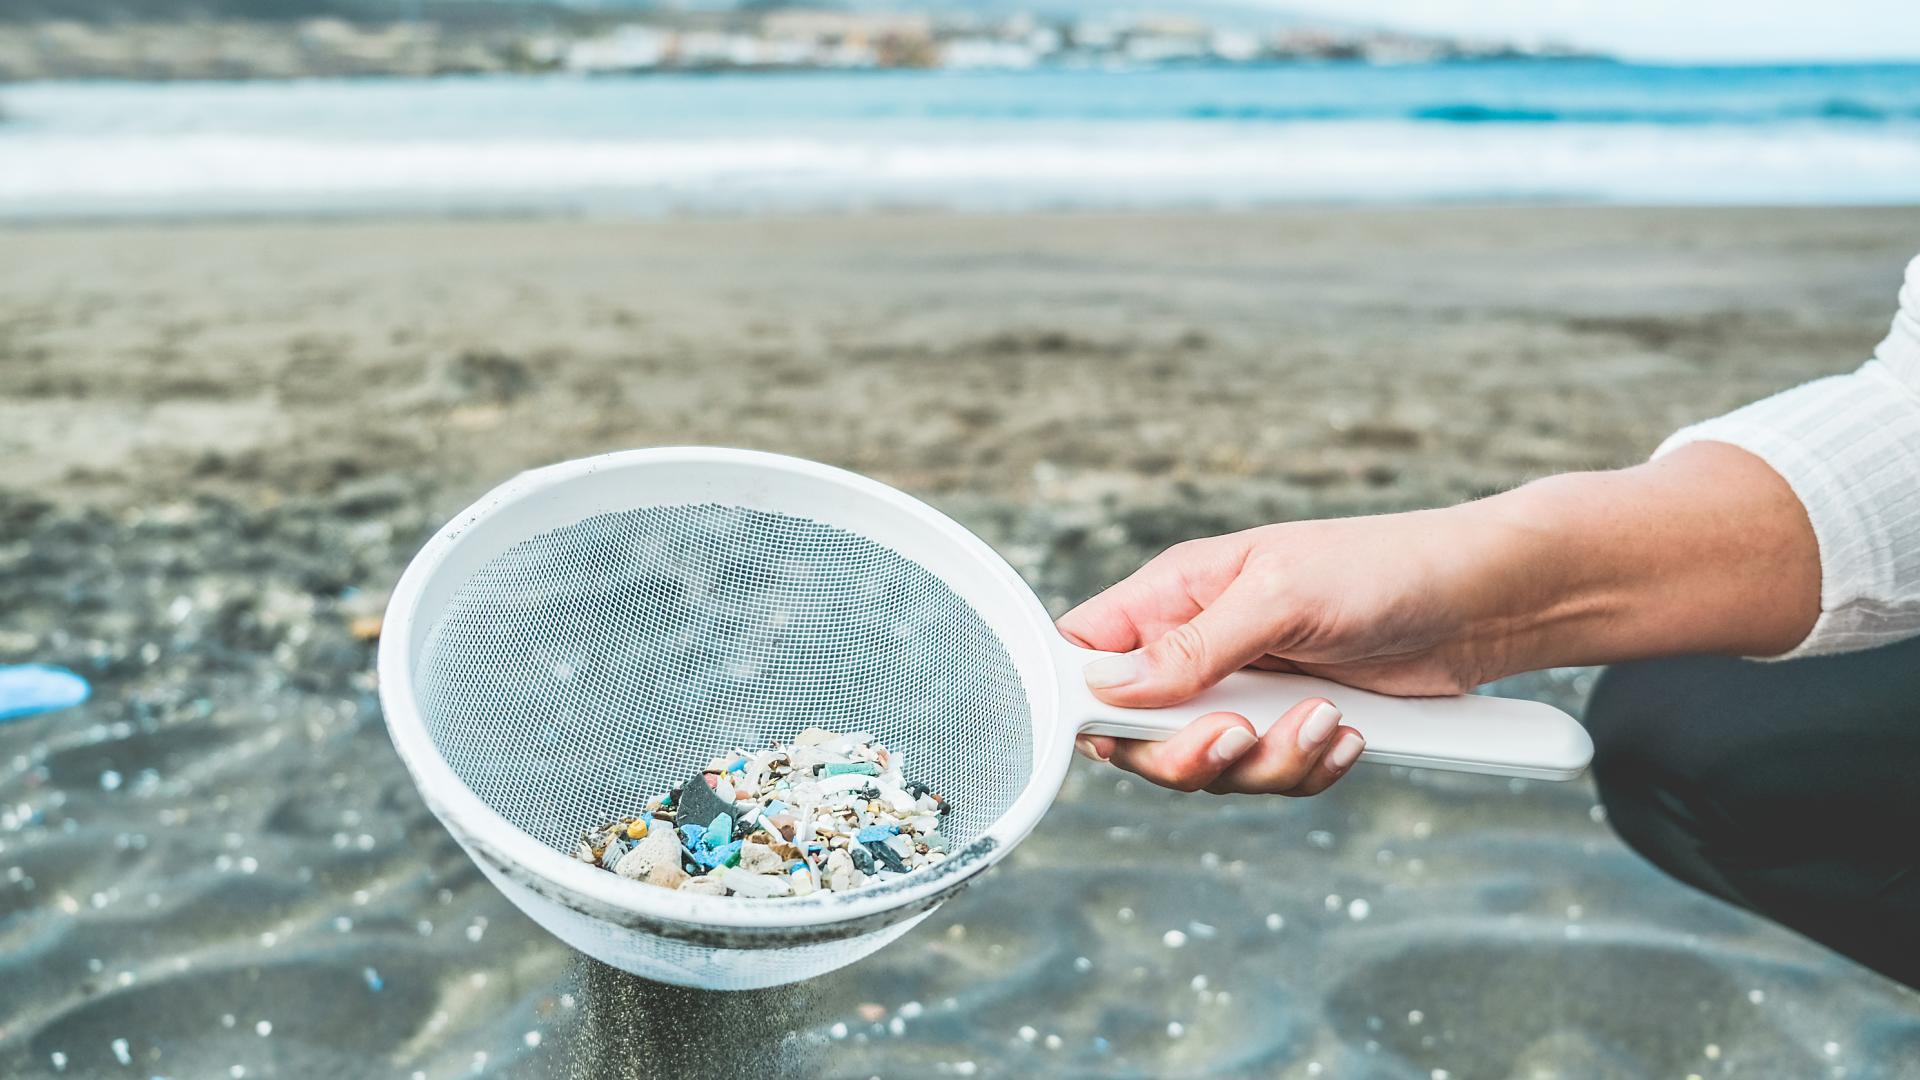 Mikroplastik in Sieb Umweltverschmutzung Meeresverschmutzung